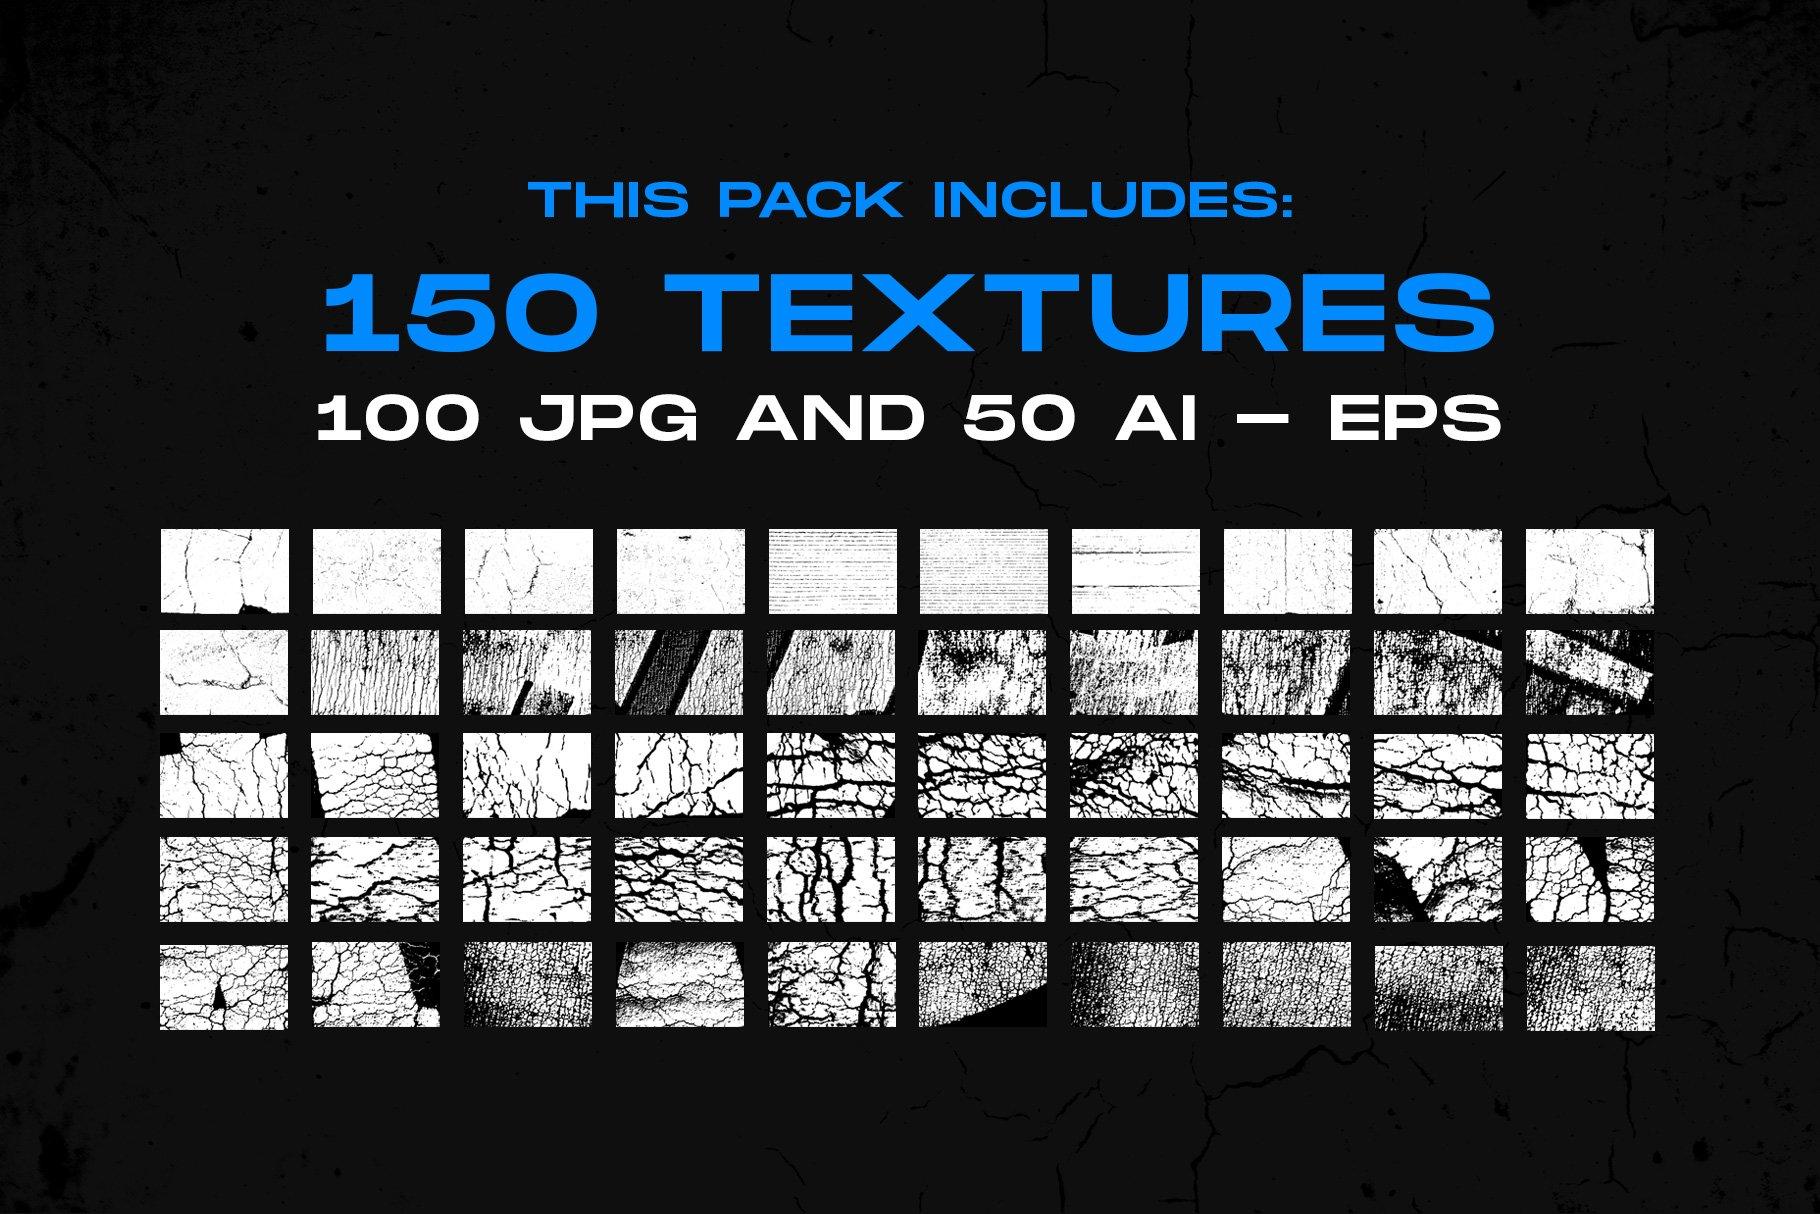 [单独购买] 150款潮流做旧粗糙磨损裂纹纹理平面广告设计背景图片素材 Cracked & Distressed Textures插图2